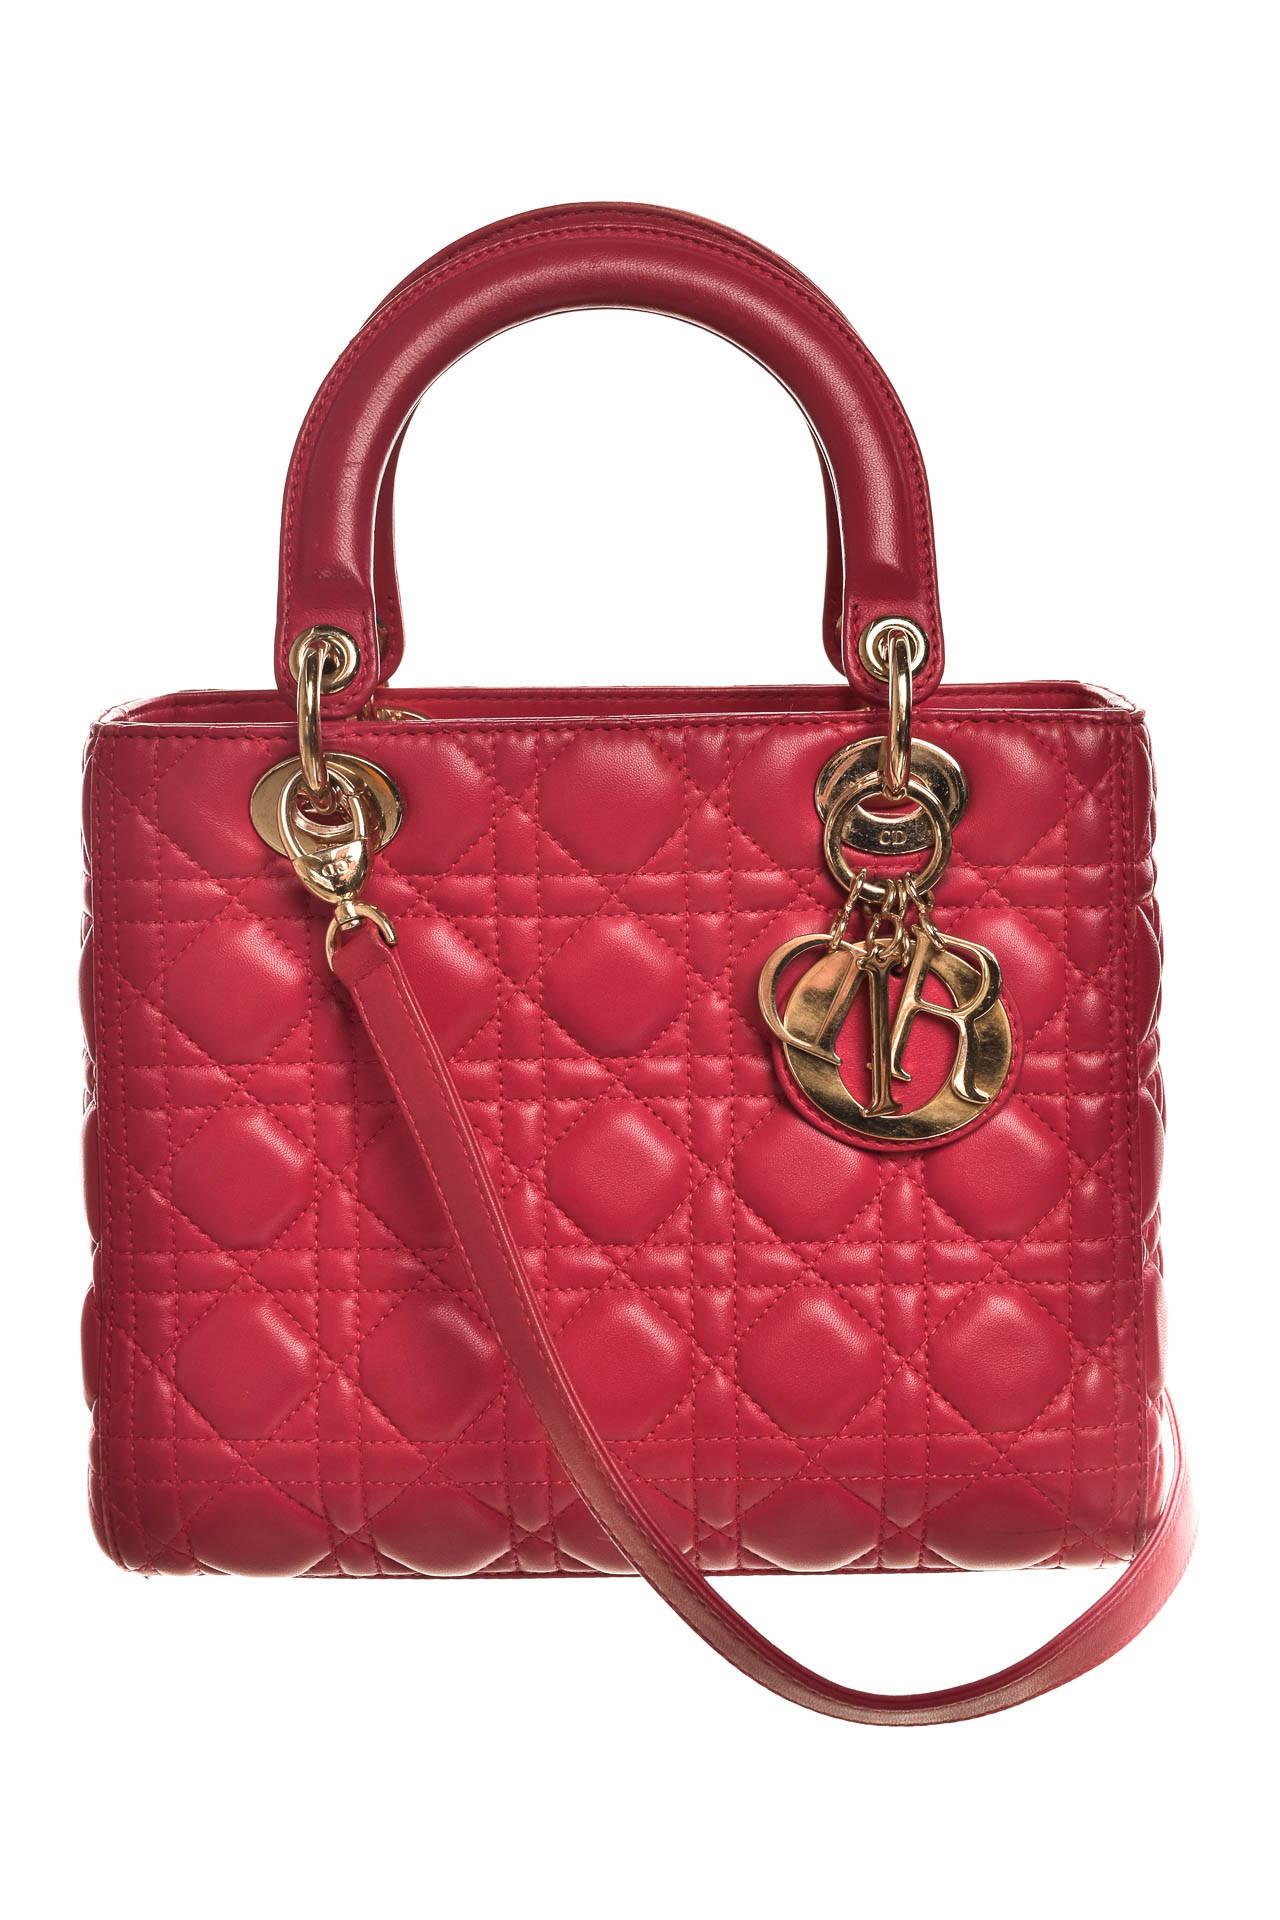 cd34001e584 Christian Dior. Bolsa Lady Dior